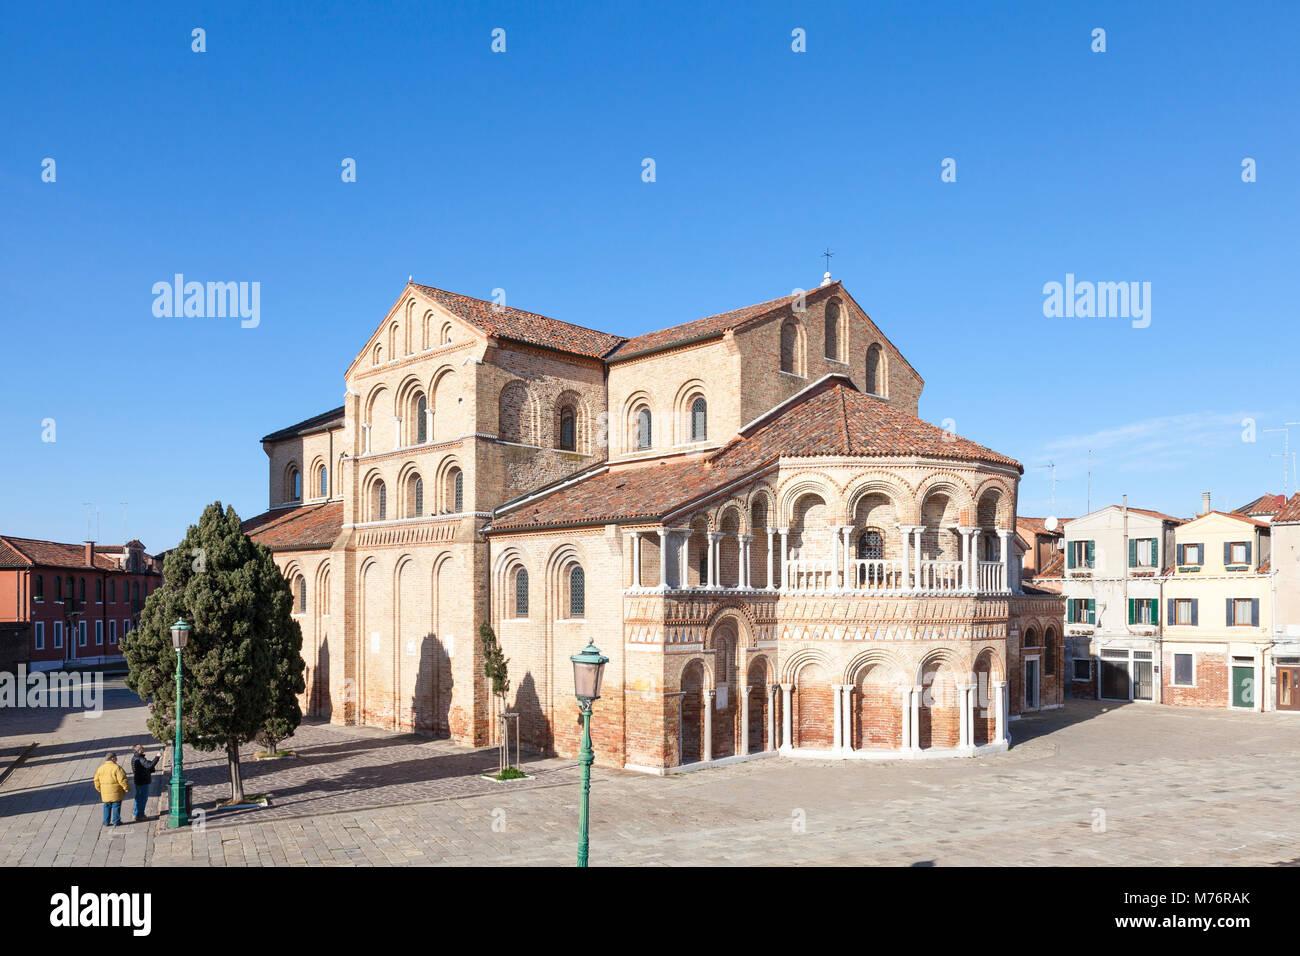 Chiesa dei Santi Maria e Donato, Murano, Venice, Veneto, Italy and Campo San Donata with two tourists sightseeing - Stock Image